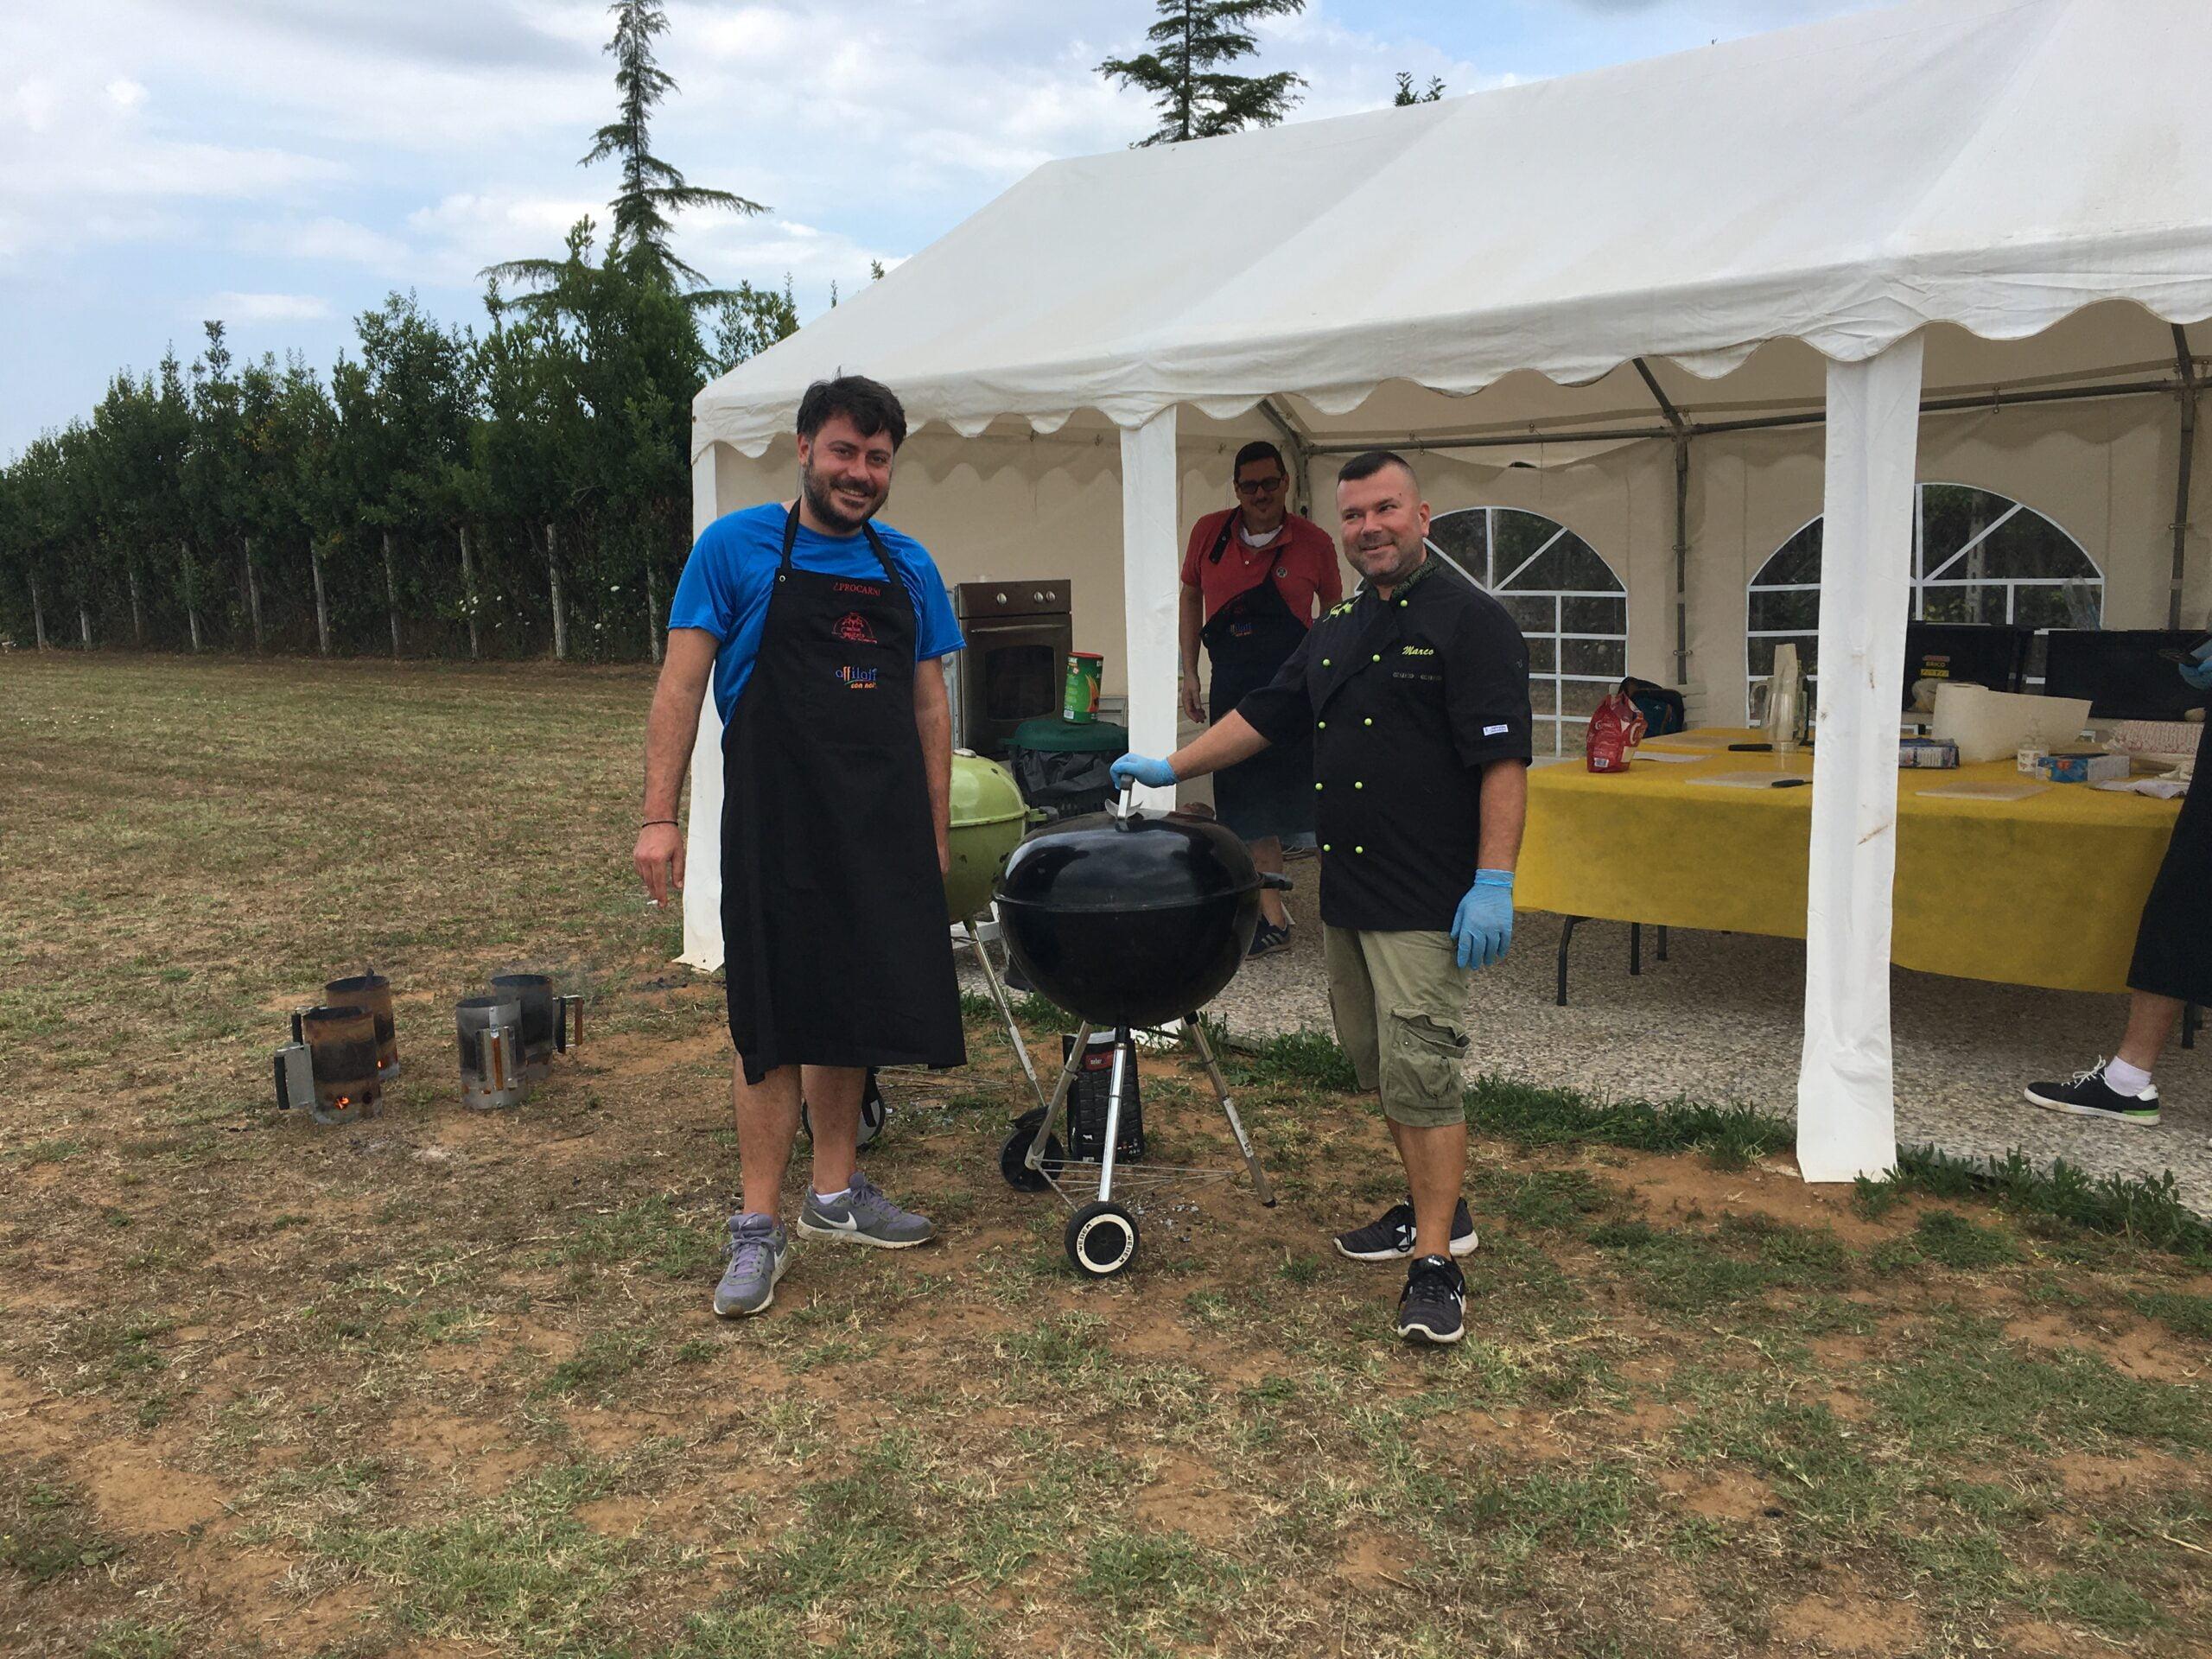 Corso Grilling #2